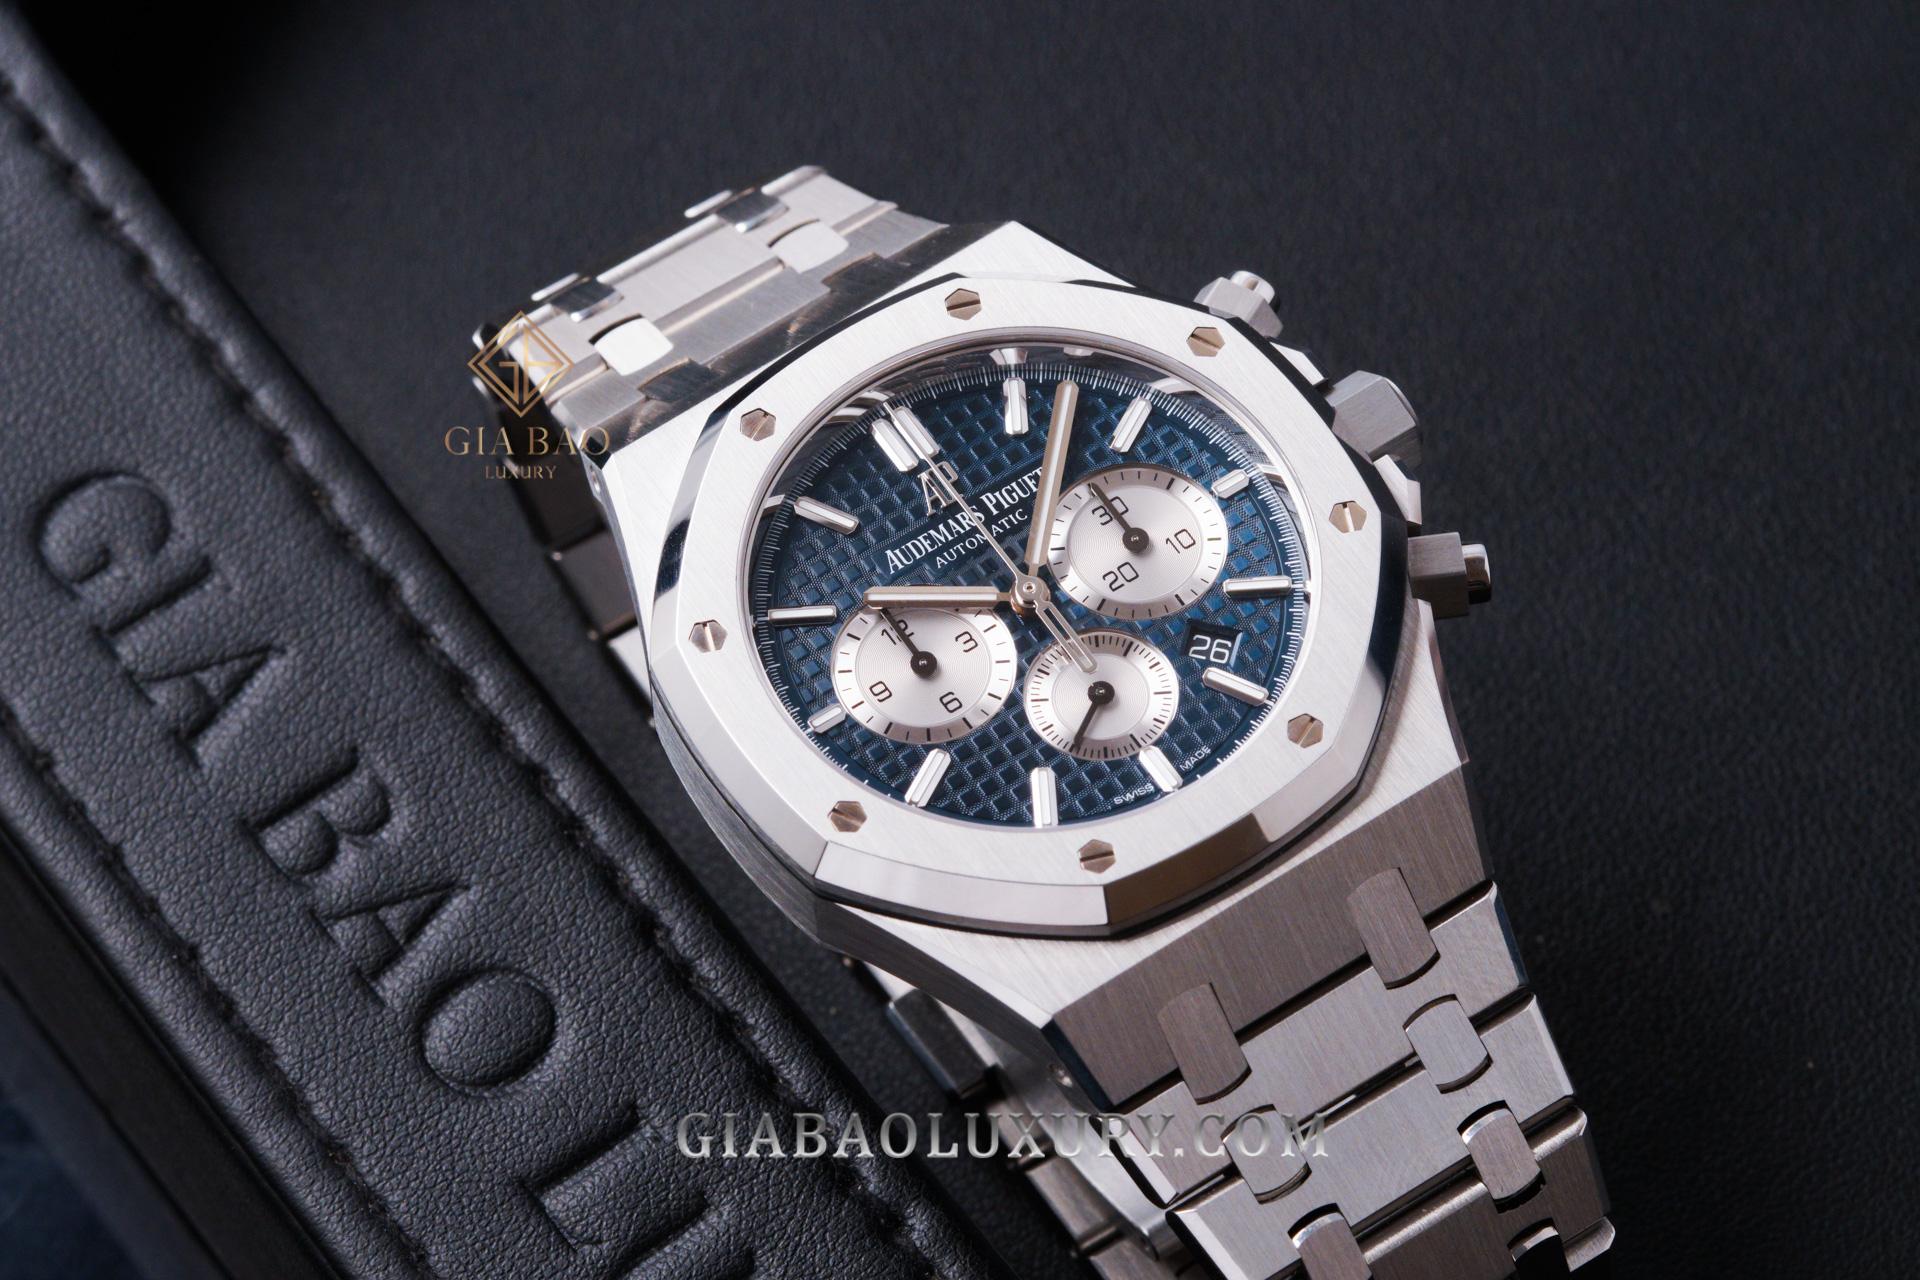 Review đồng hồ Audemars Piguet Royal Oak Selfwinding Chronograph 41mm - Đẳng cấp và sang trọng